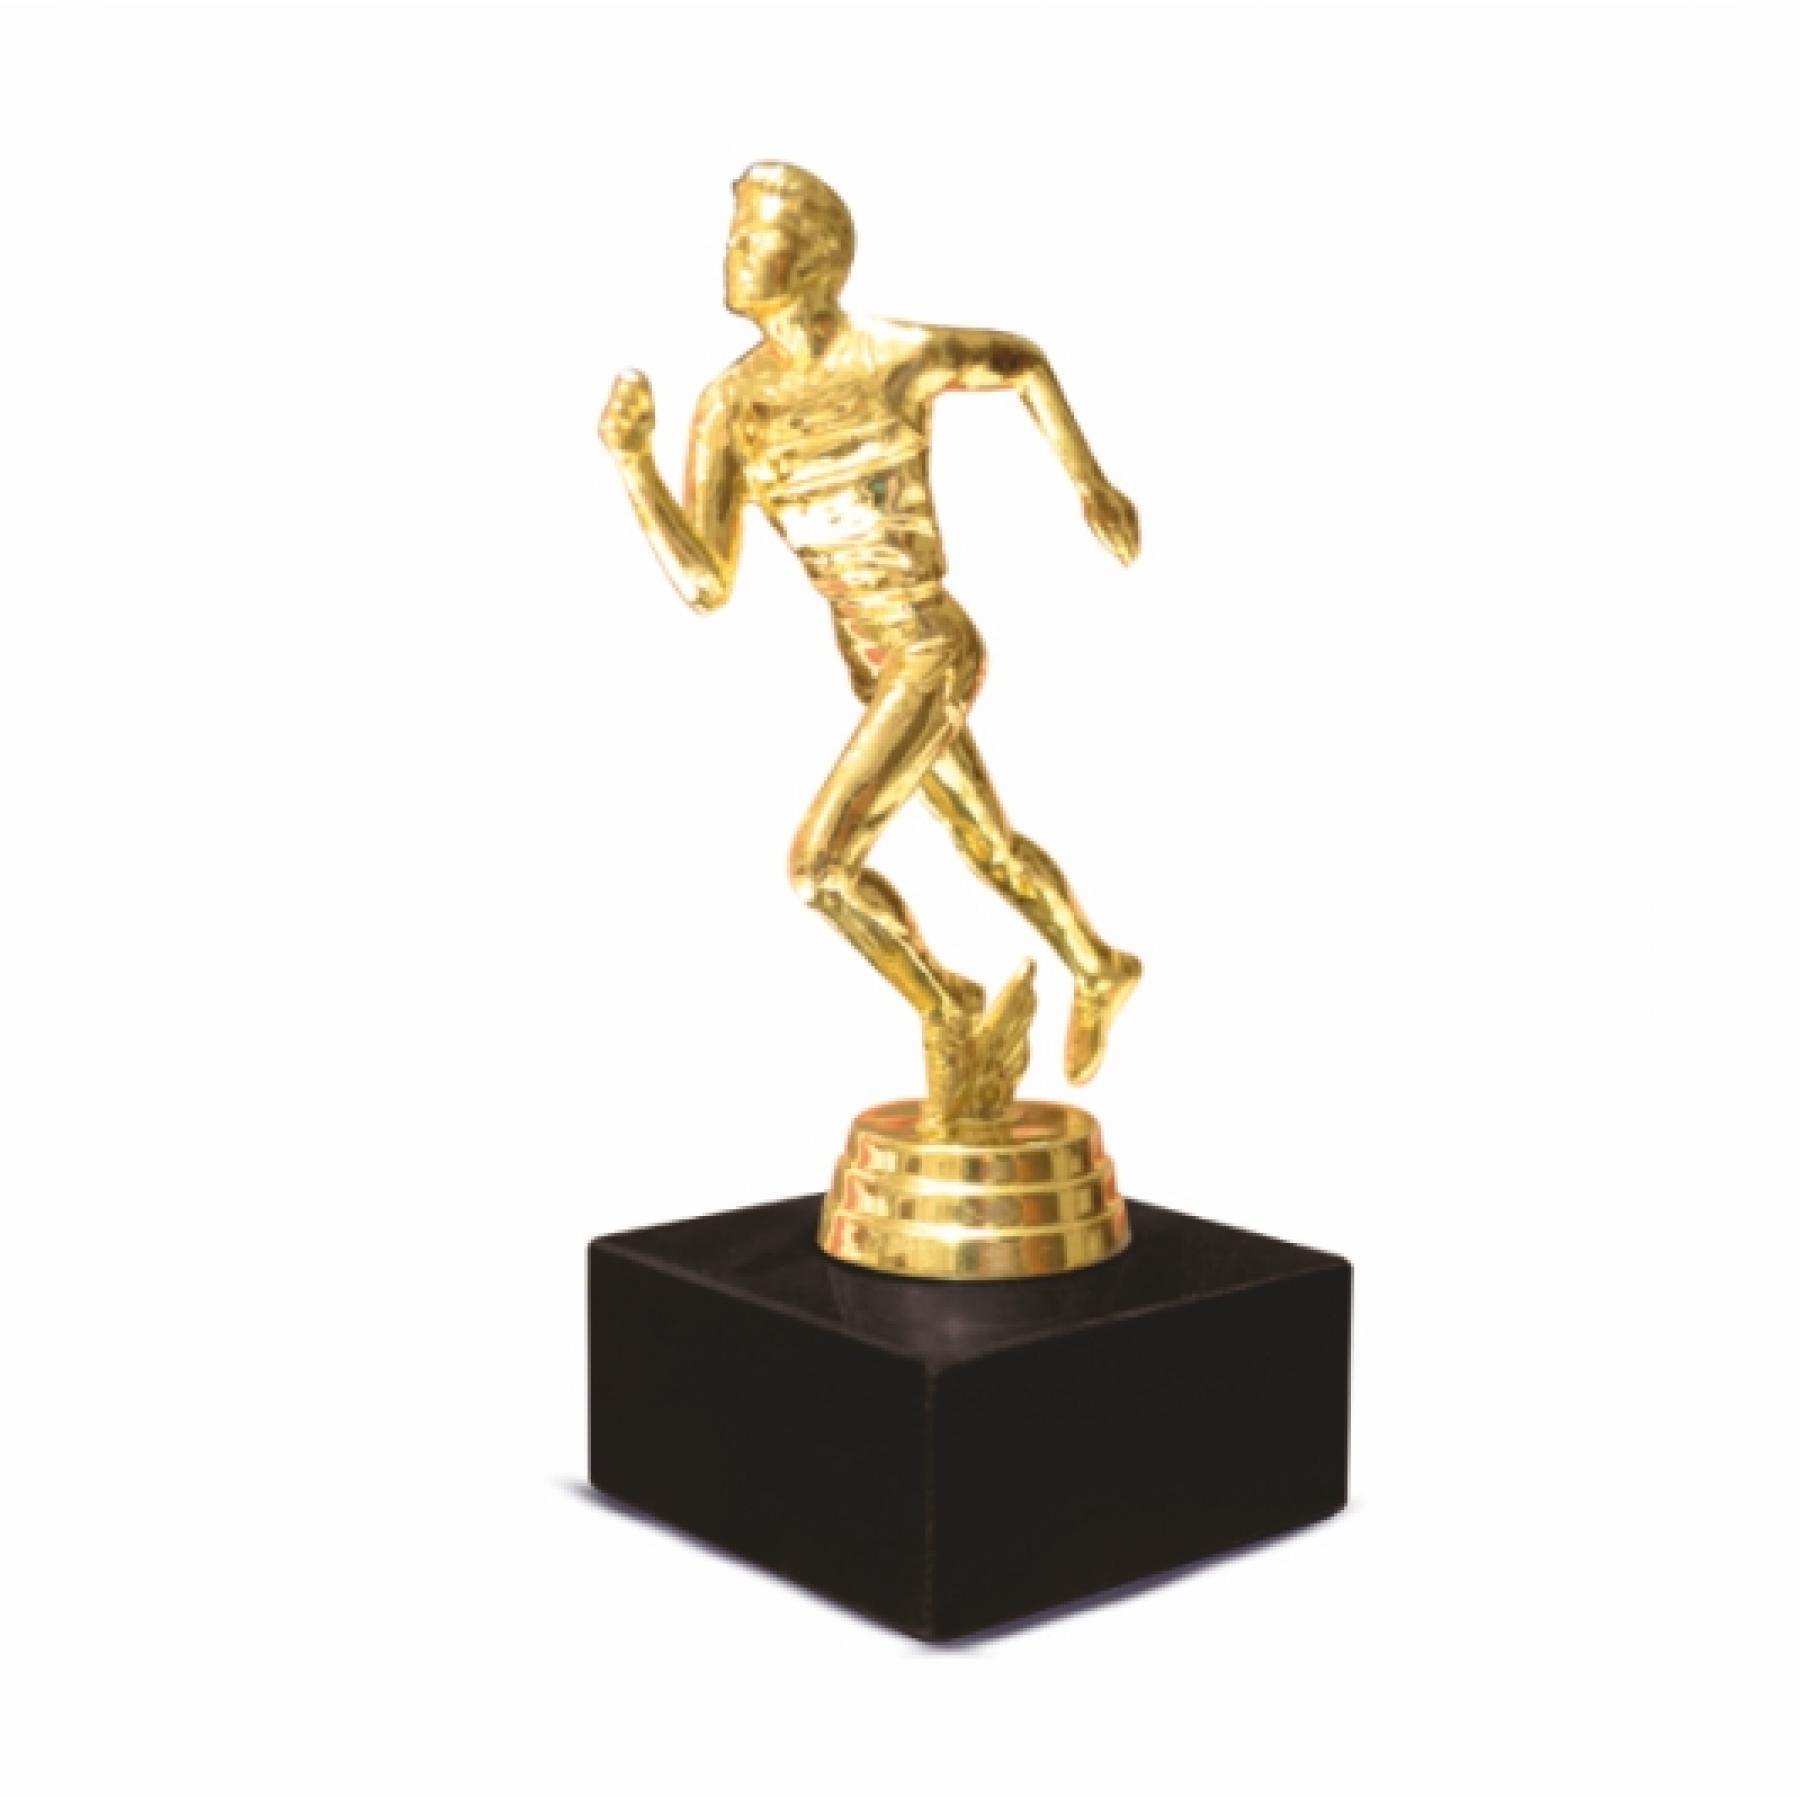 Trophies Brt Running Figurine 14,5cm